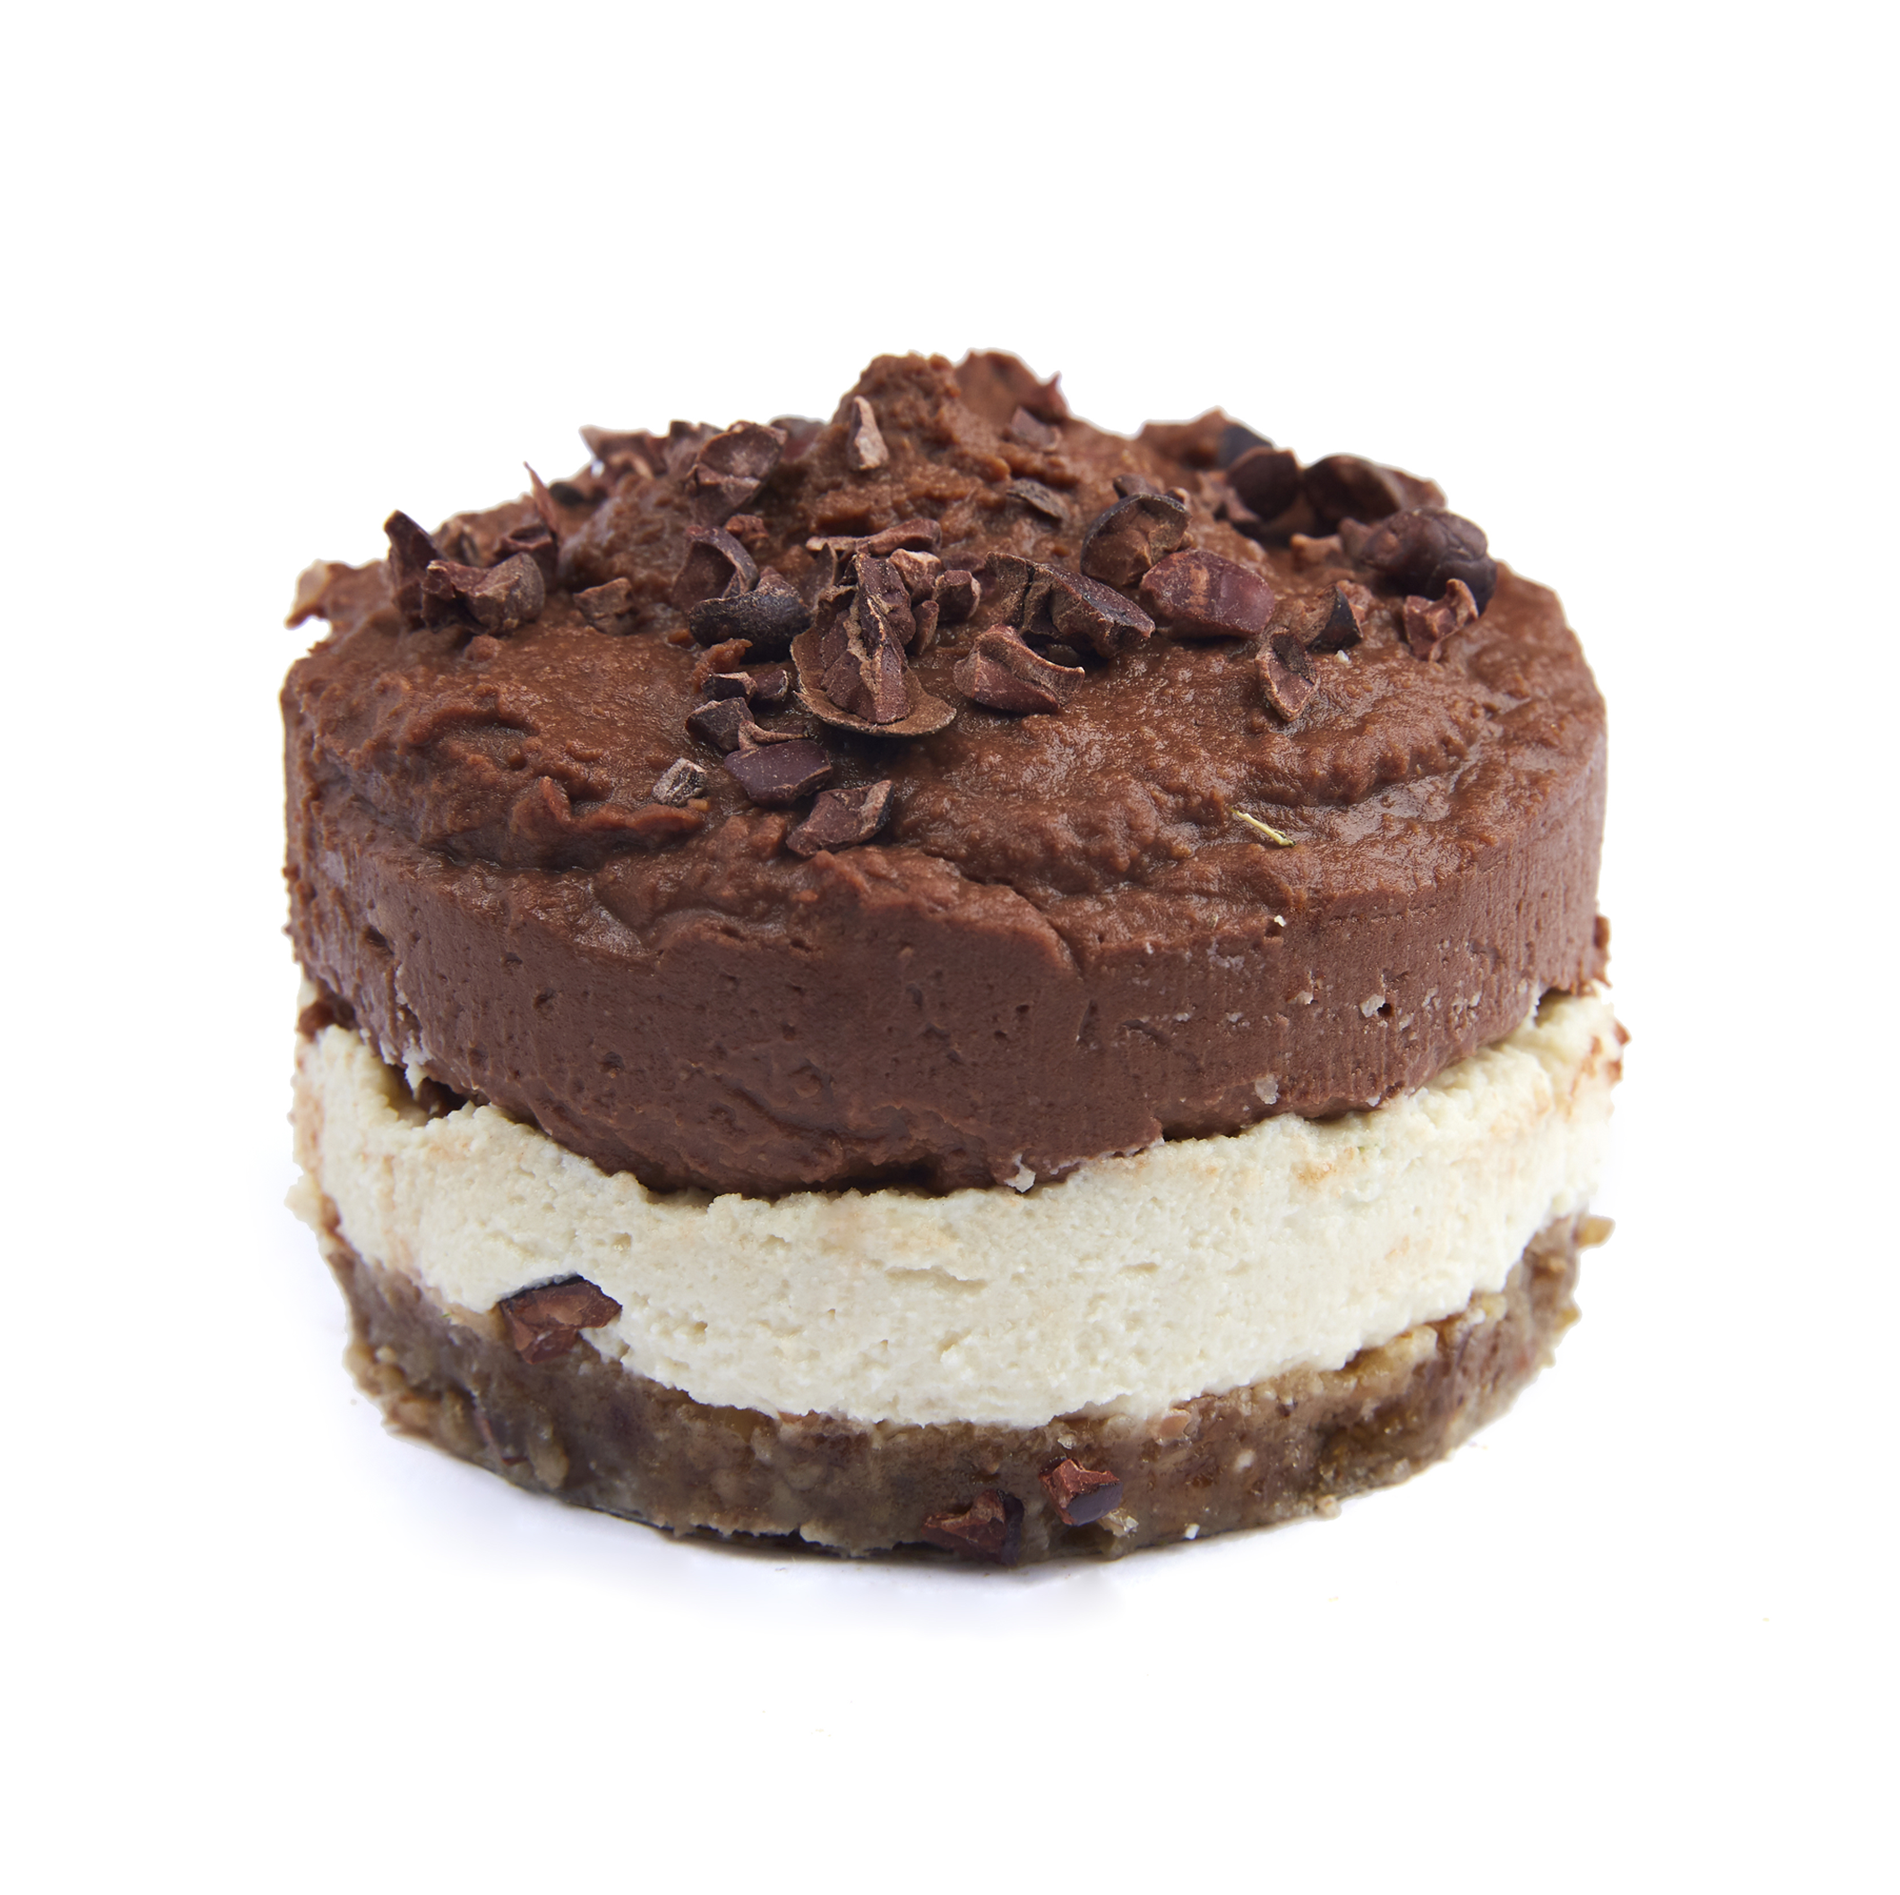 Chocolate cheesecake - $6.99  Walnut-date base, almond cheese, chocolate hummus; raw vegan